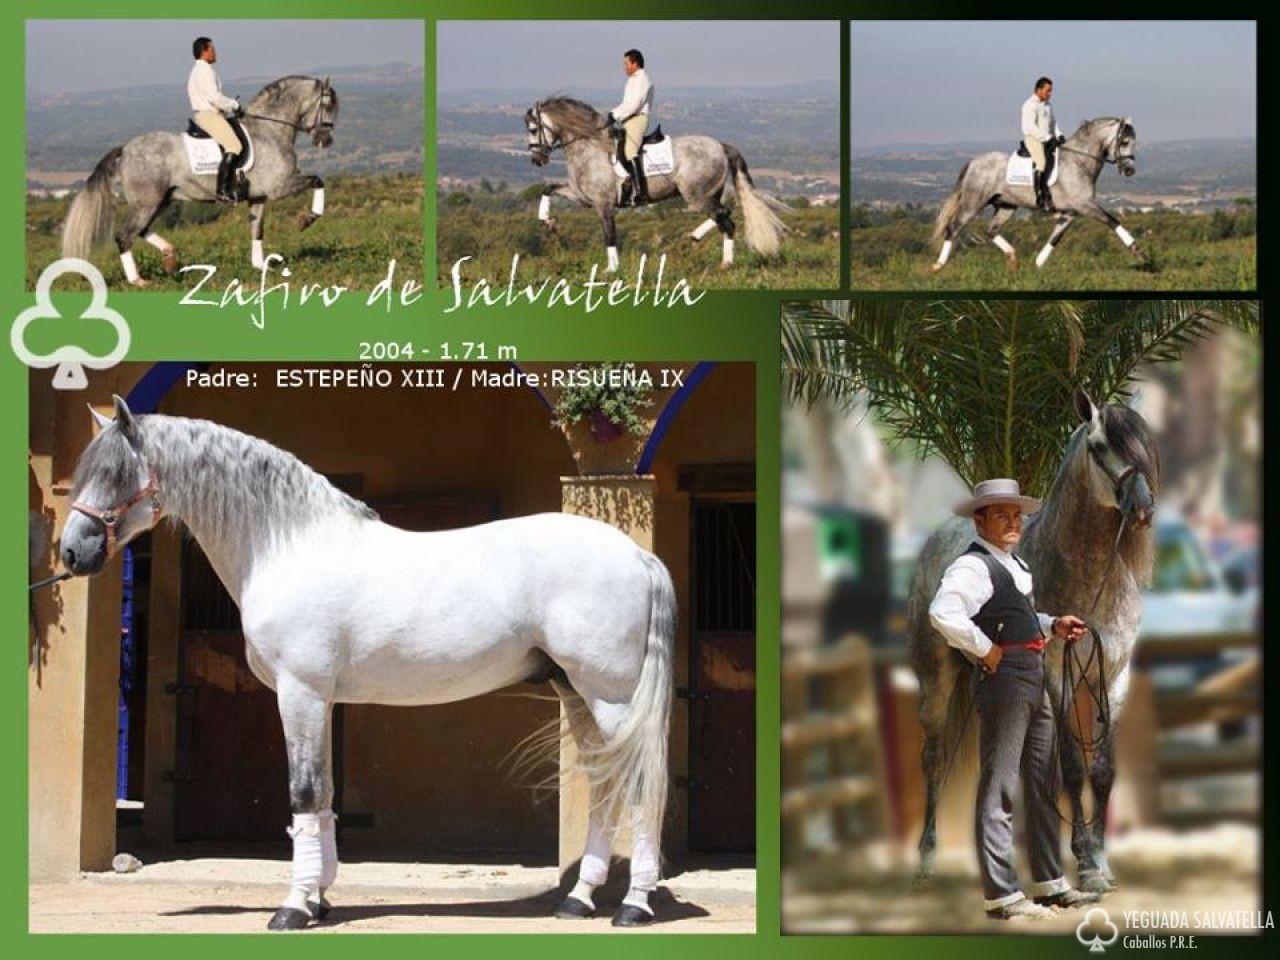 Zafiro Salvatella